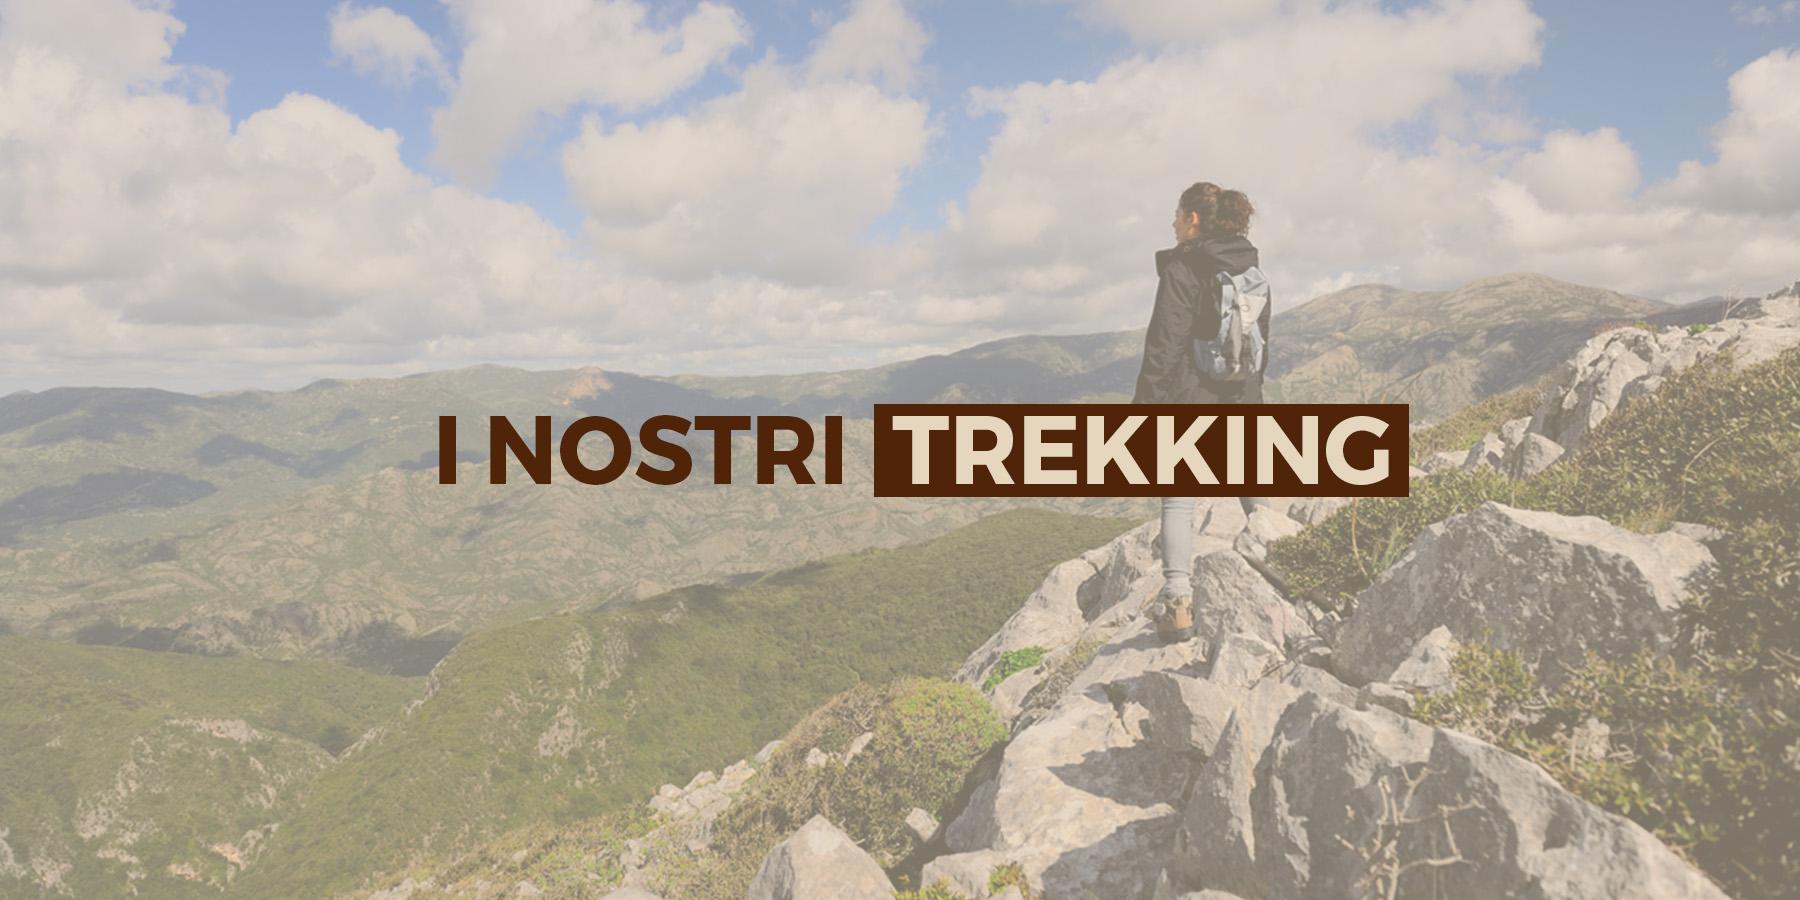 StartUno-i-nostri-trekking